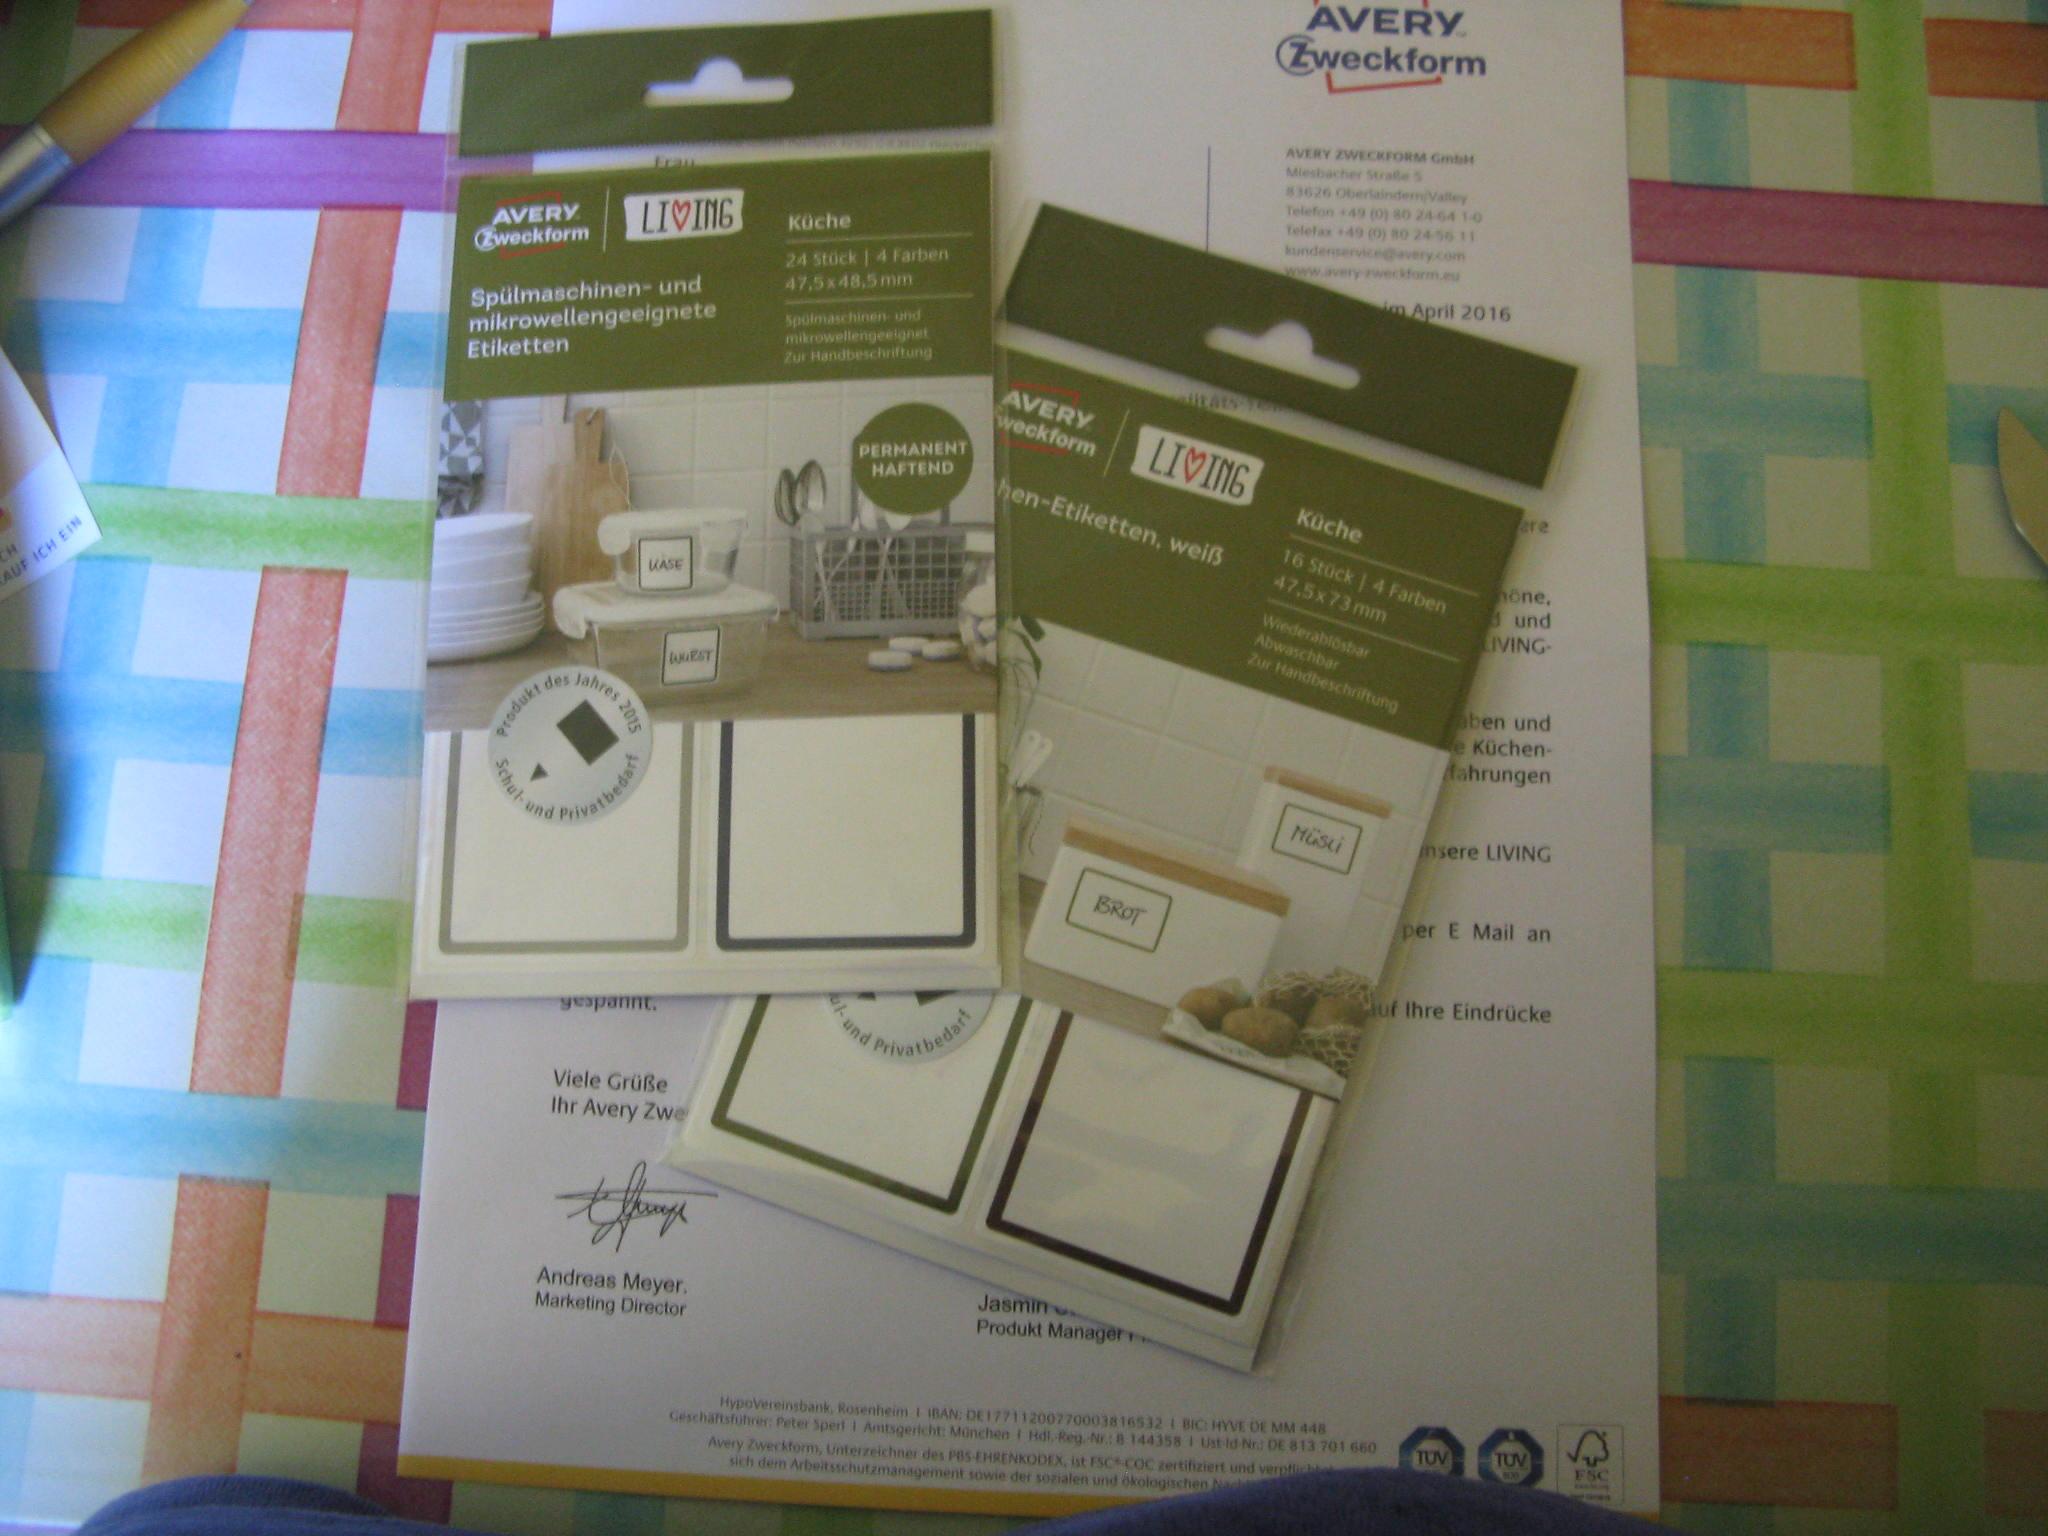 Küchenetiketten und Spülmaschinen-mikrowellen-Etiketten